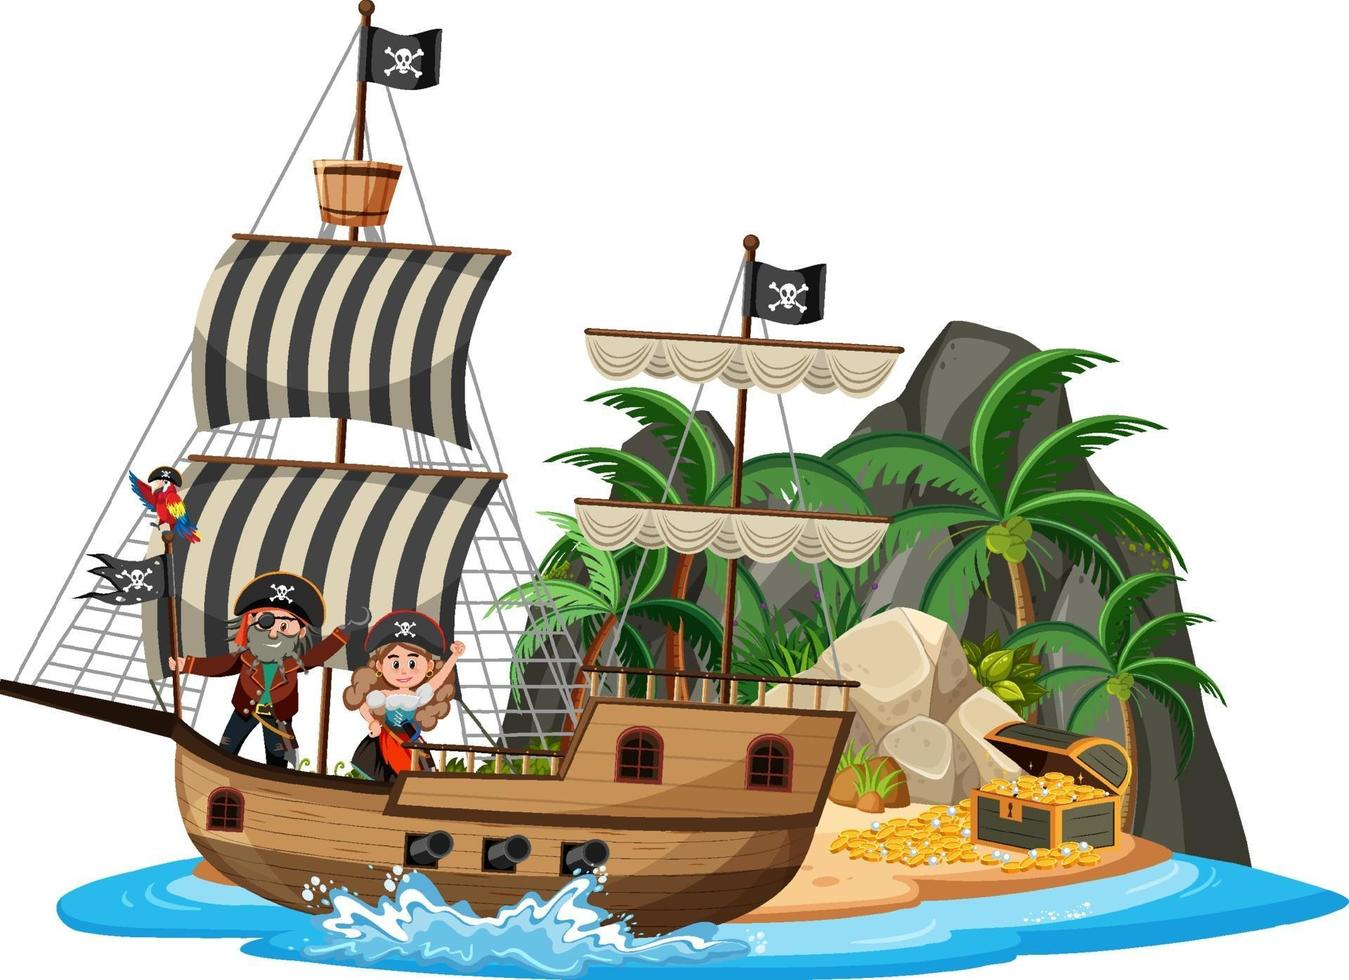 nave pirata sull'isola con molti bambini isolati su sfondo bianco vettore